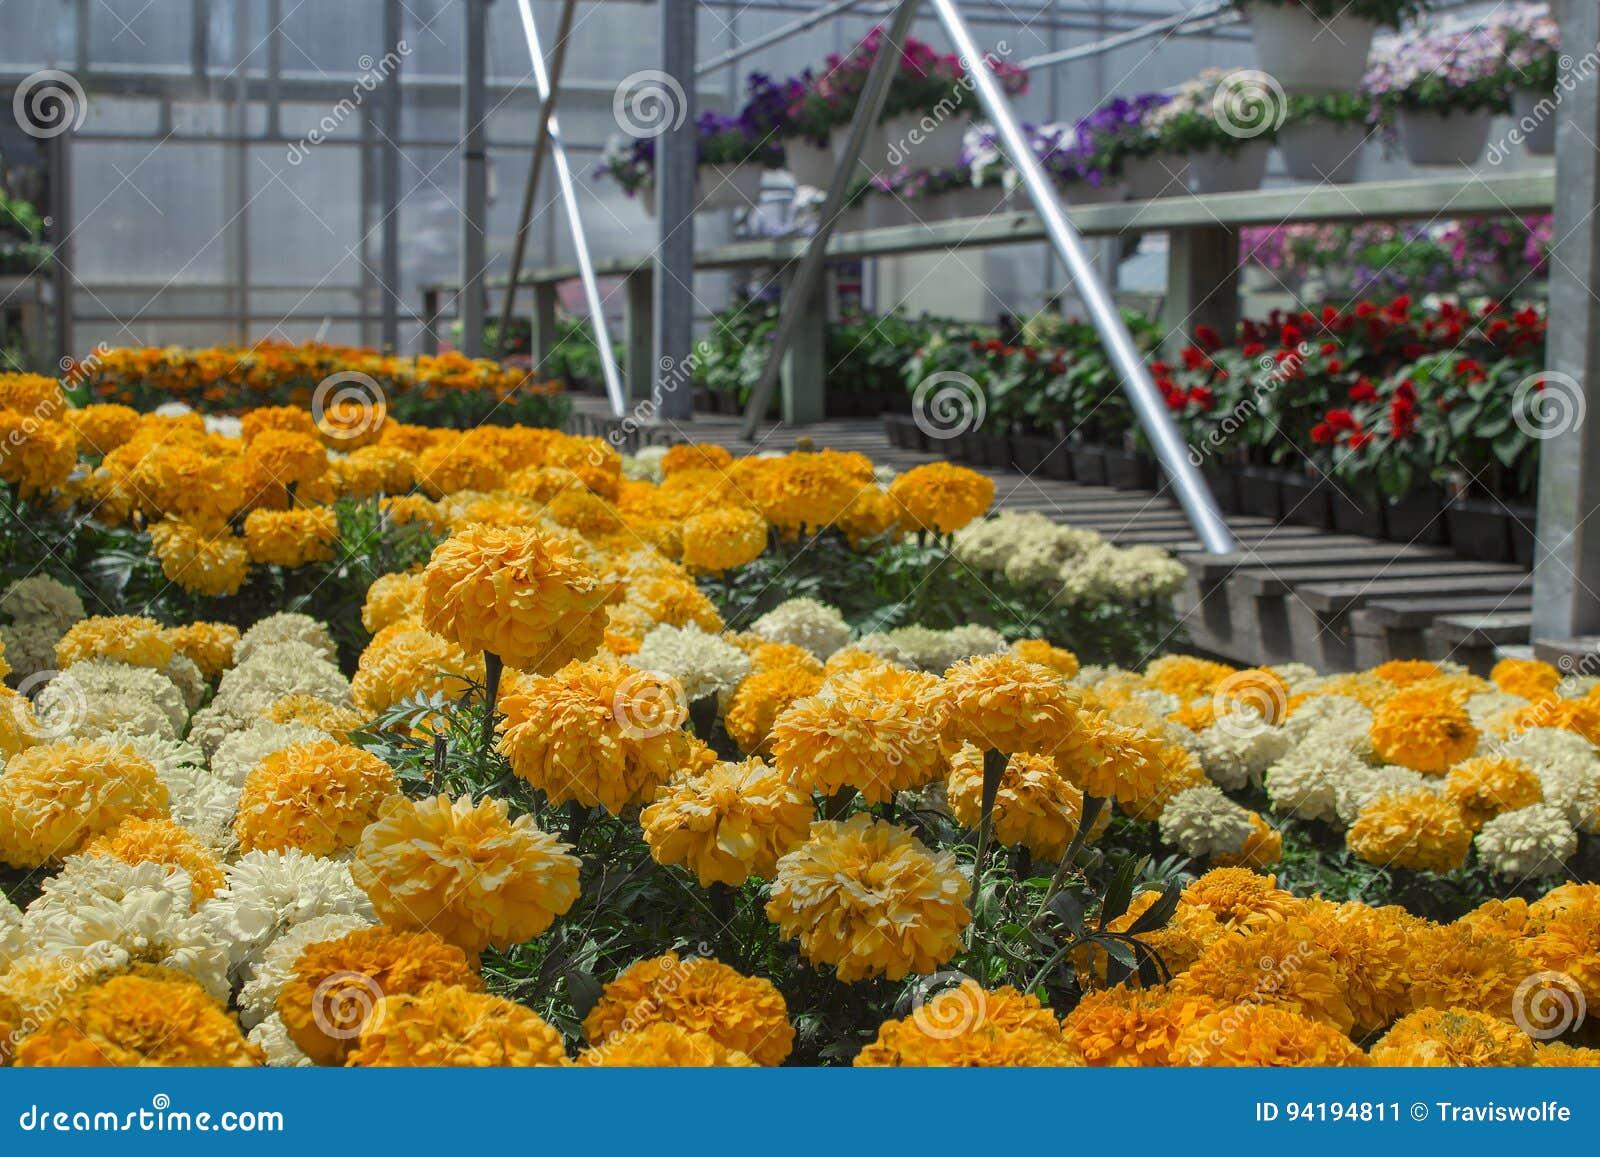 密执安季节性夏天种植的温室万寿菊 新春天舱内甲板和机架开花与copyspace